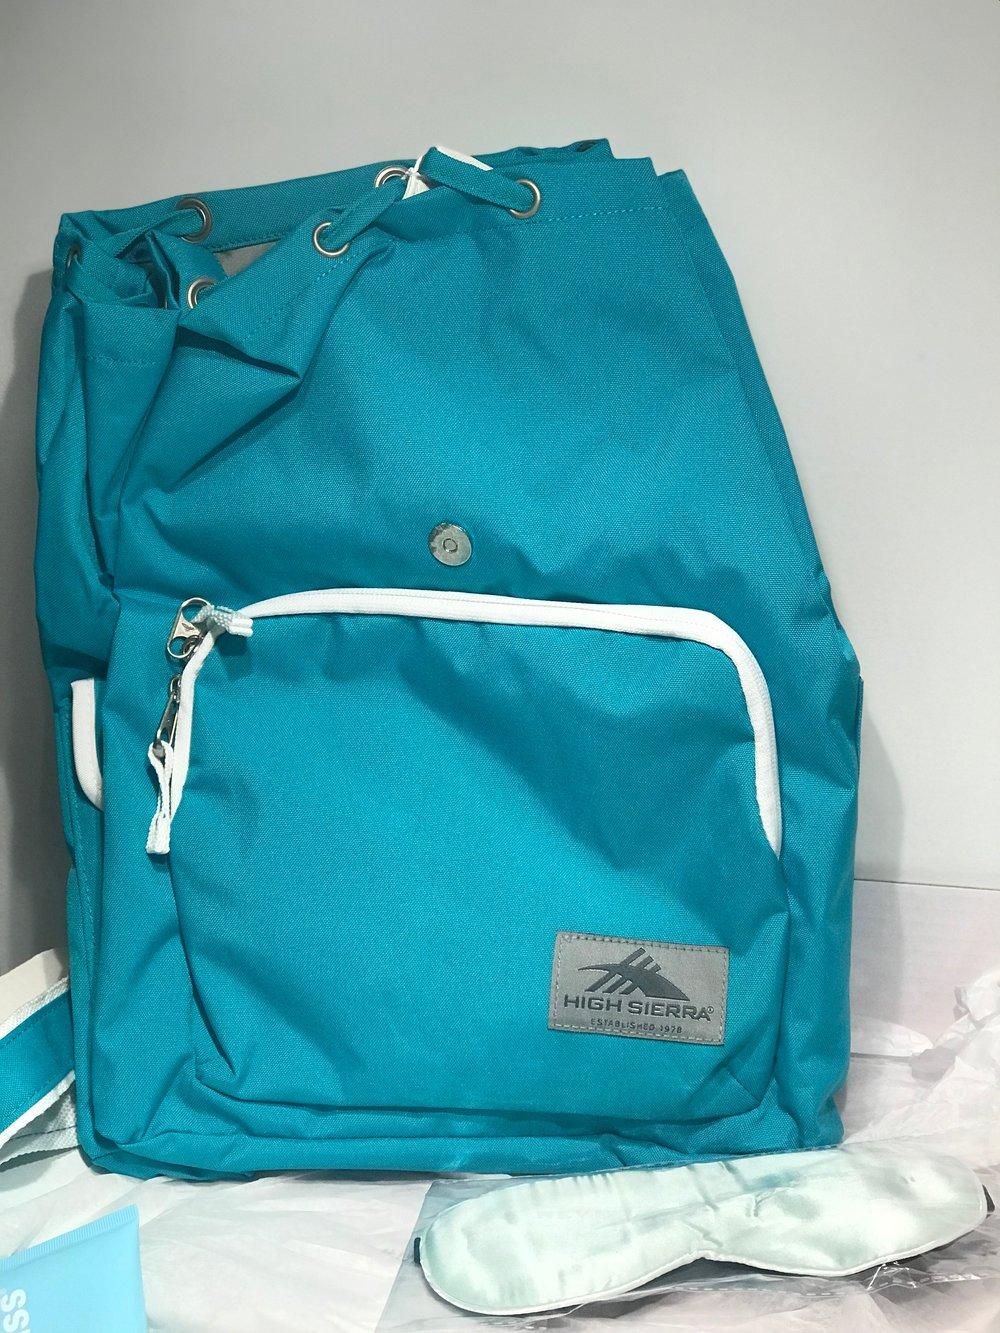 High Sierra Back Pack